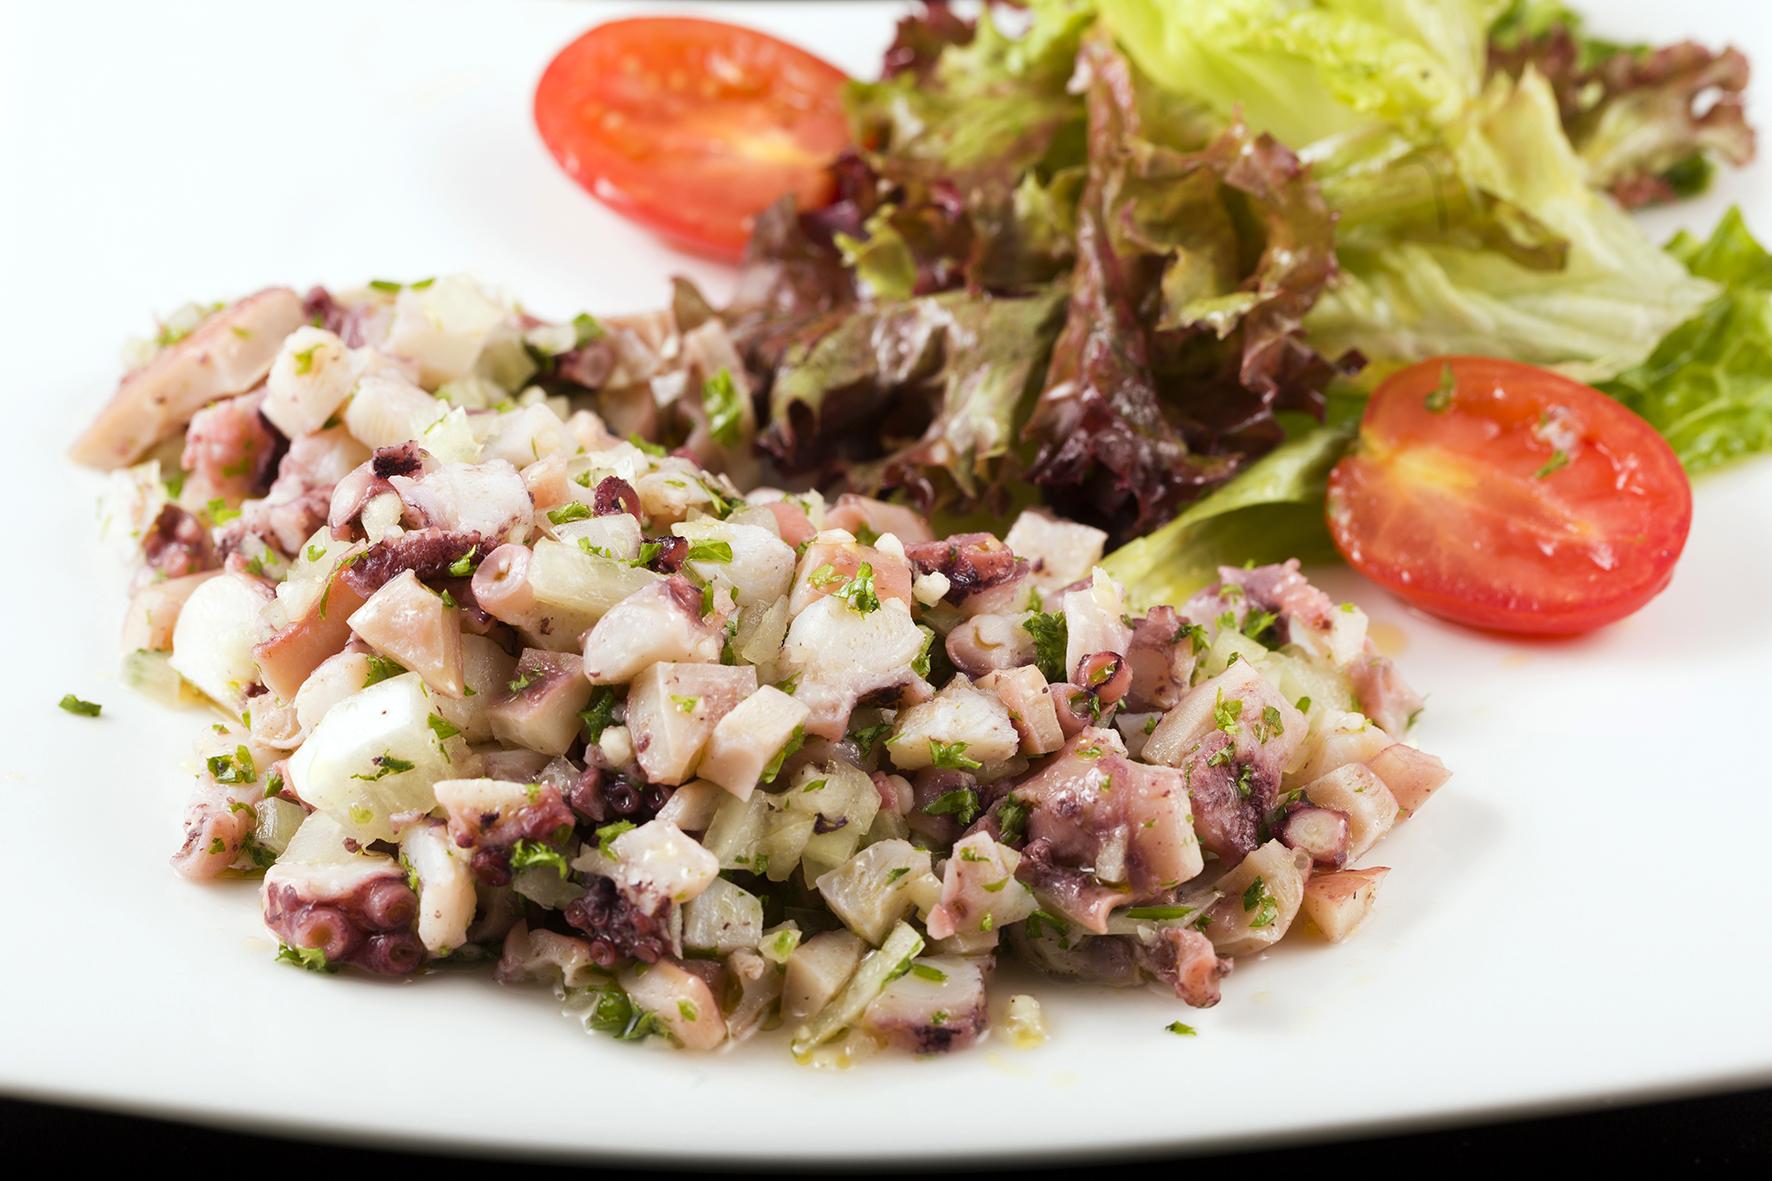 Octopus Salad Portuguese Style. 八爪魚沙律.